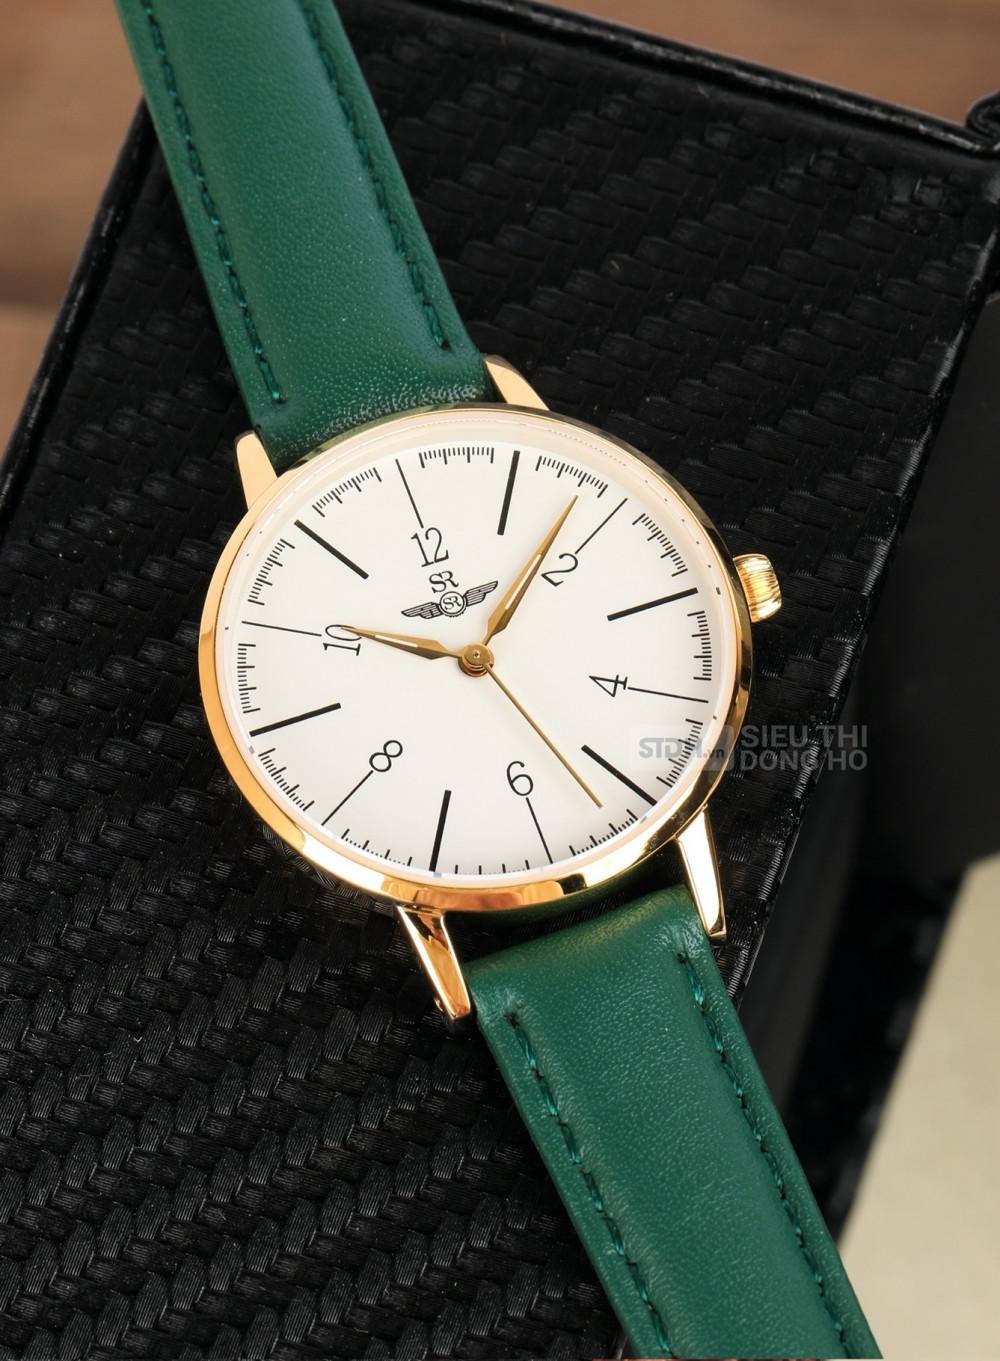 SR Watch chính hãng được áp dụng ưu đãi giảm giá 40% cực lớn